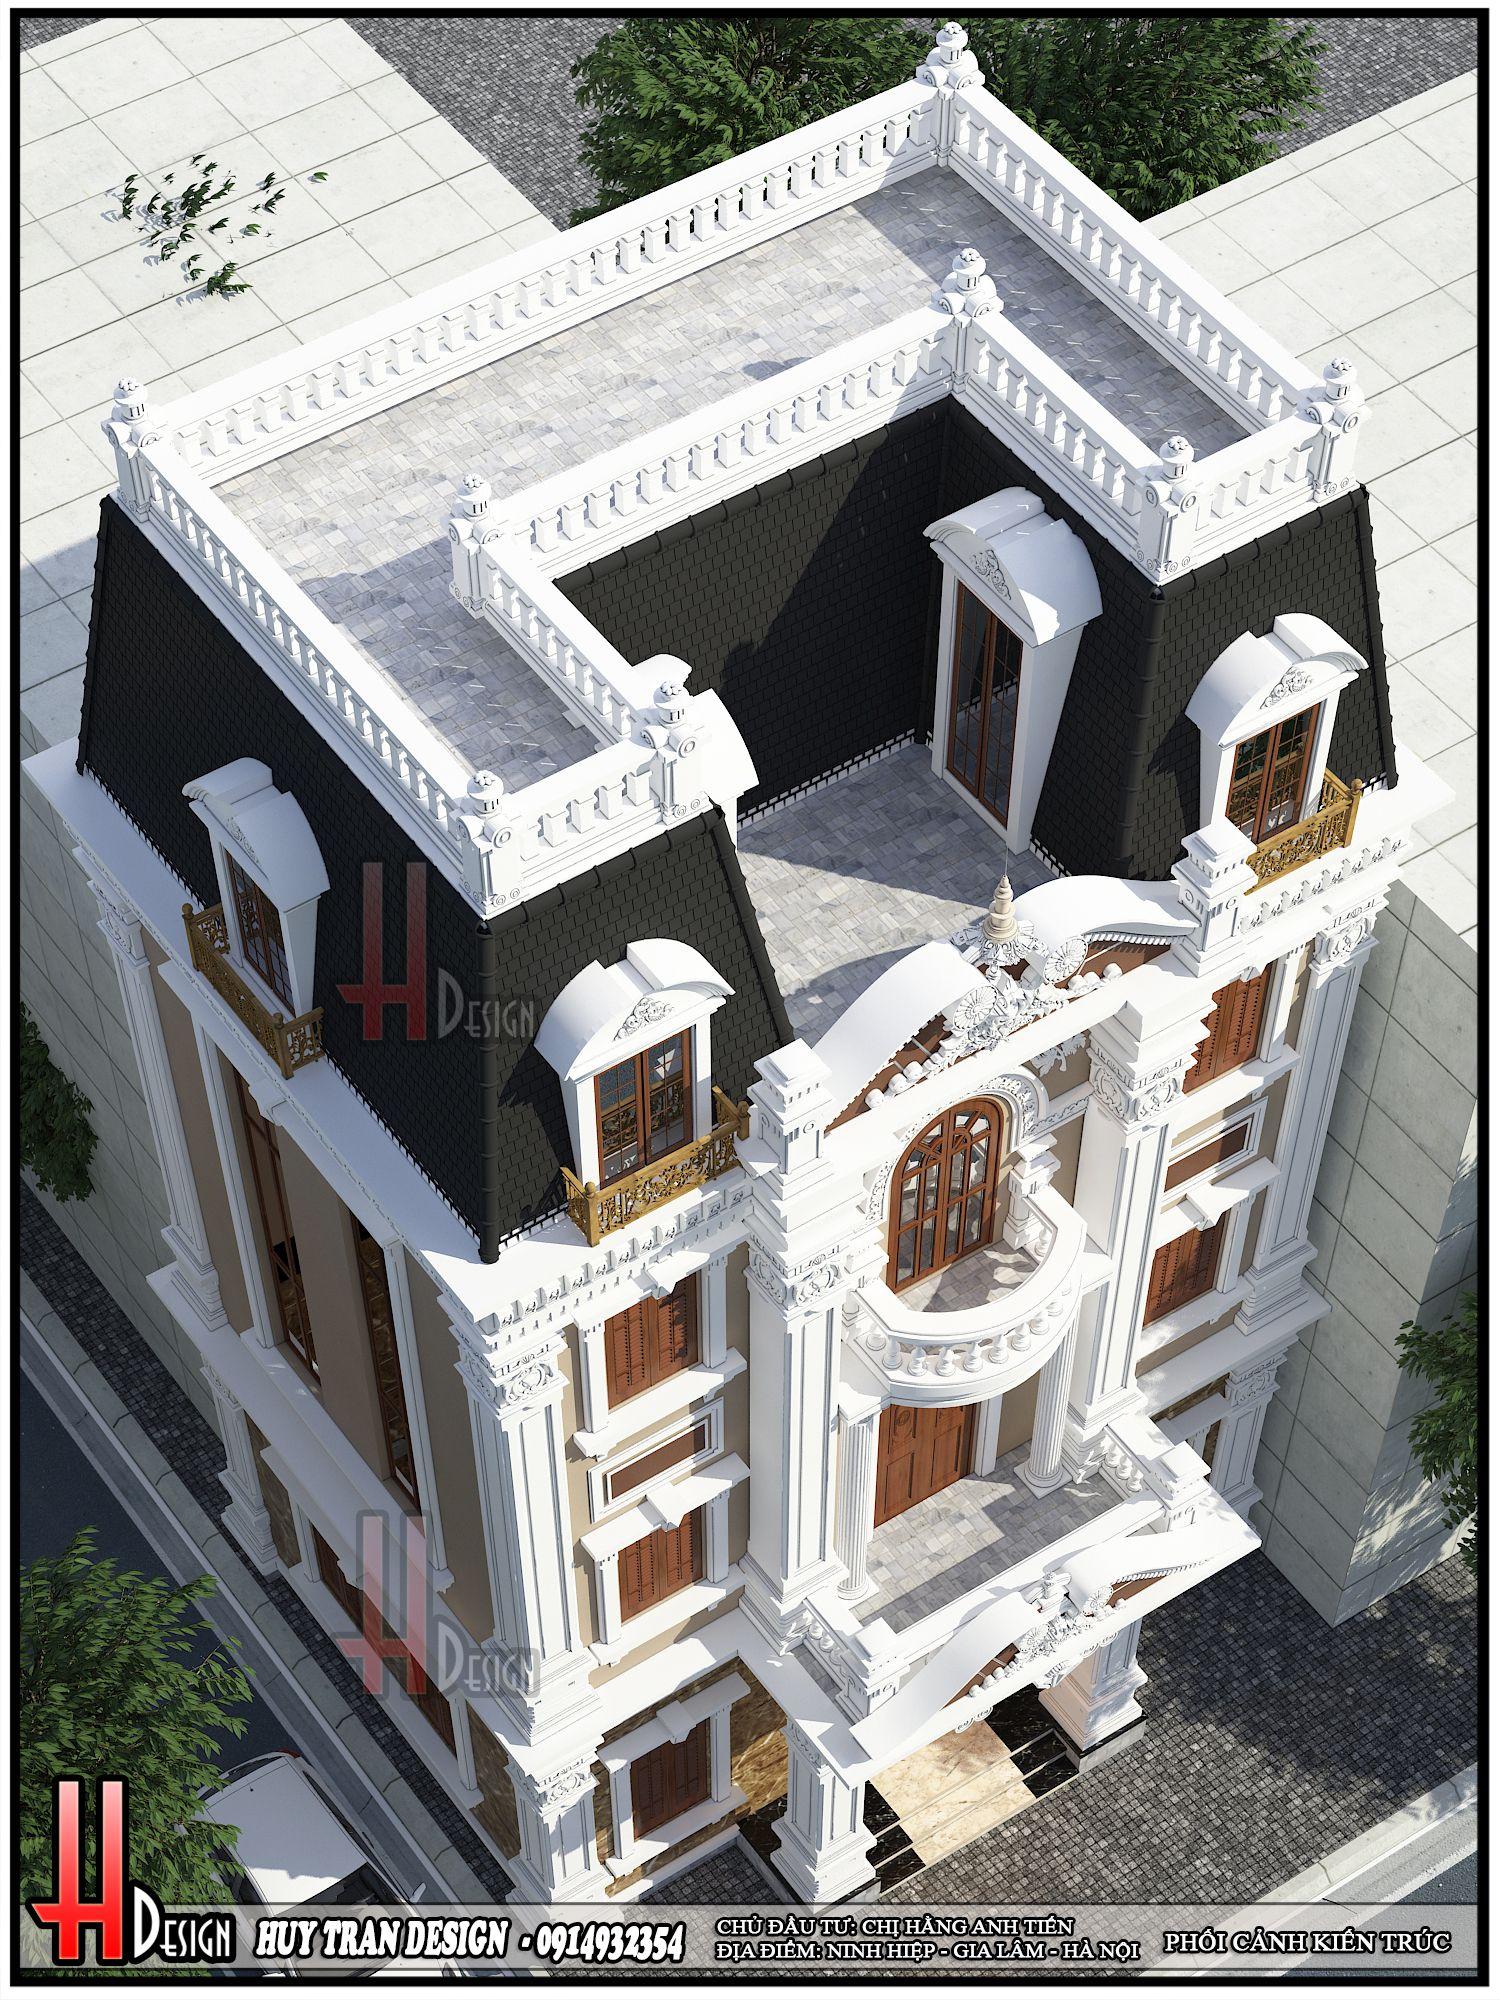 Mẫu thiết kế kiến trúc biệt thự 3 tầng kiểu Pháp tại Ninh Hiệp - Gia Lâm - Hà Nội